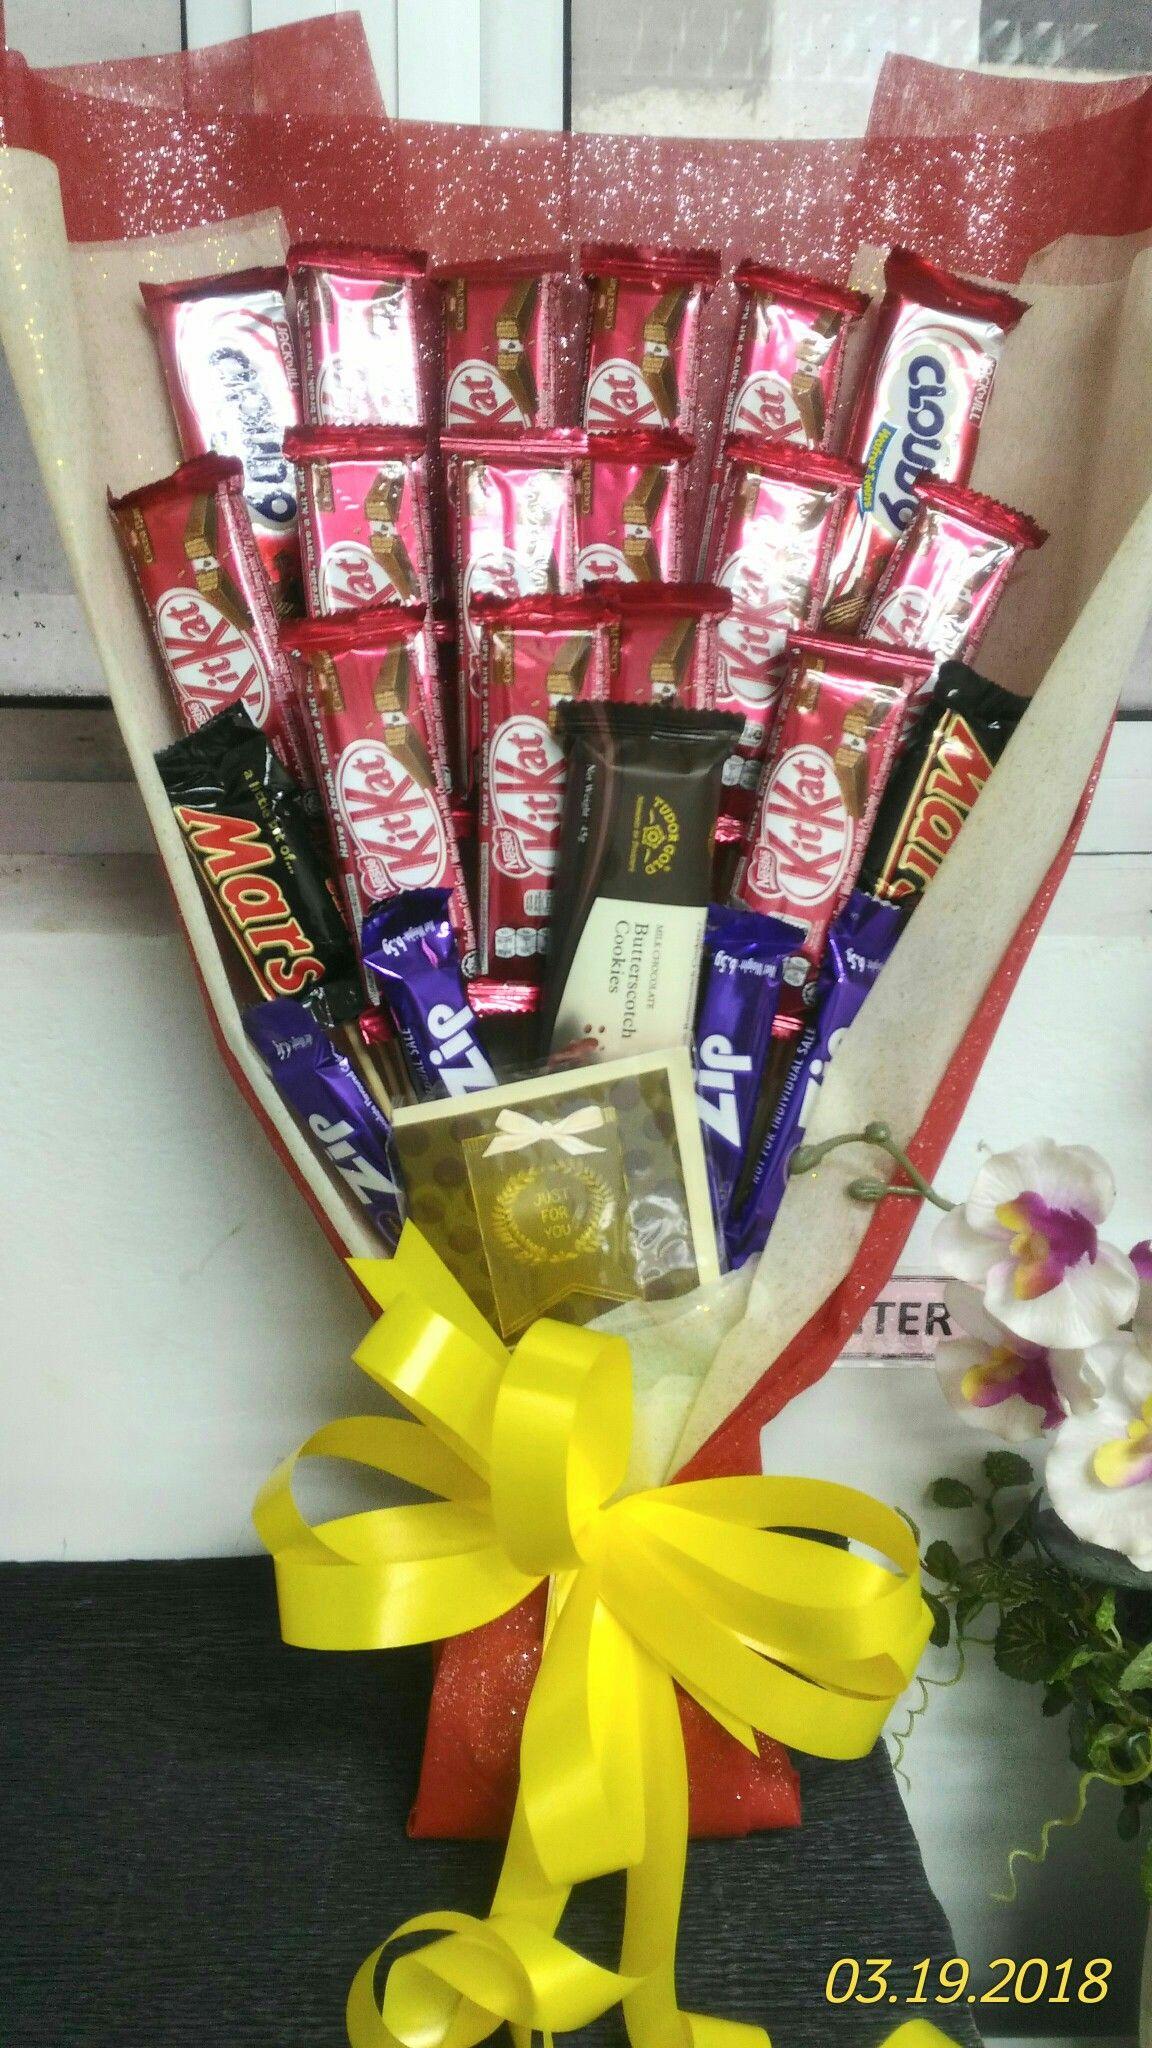 Pin Oleh Floristeria Musgo Di Sladosti Buket Permen Buket Bunga Lolipop